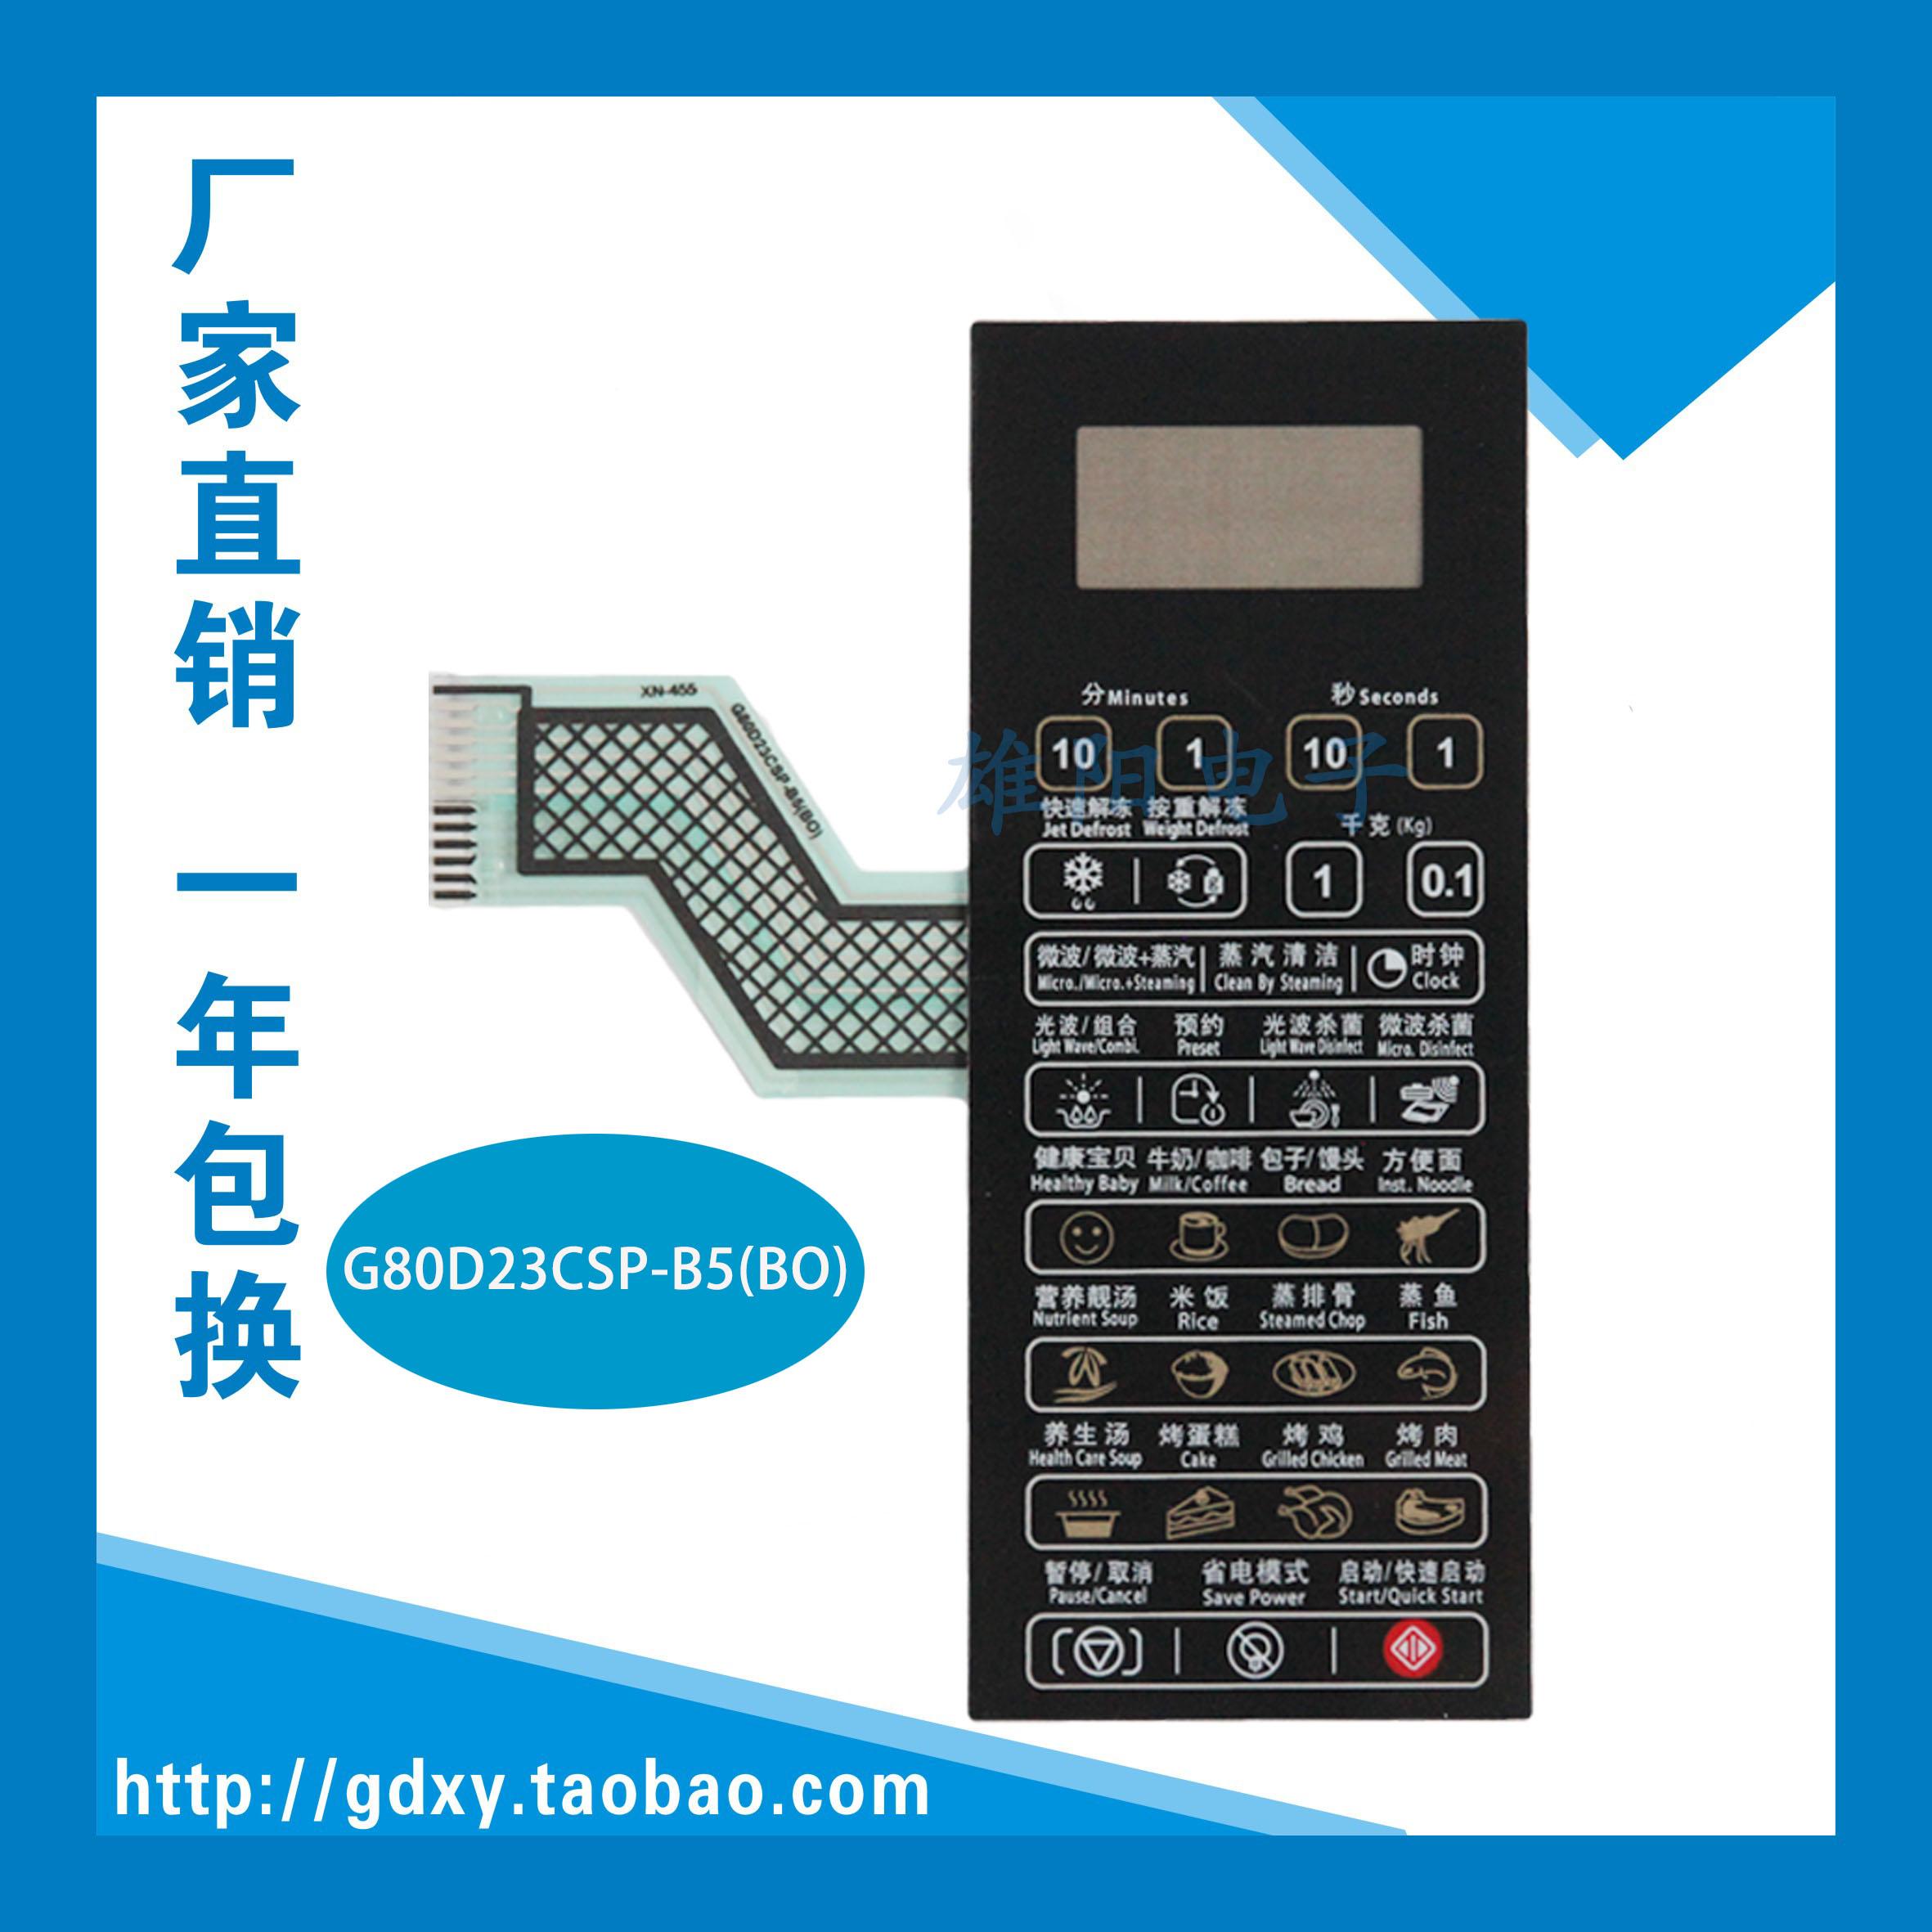 mikrovalovna pečica ploščo film stikalo G80D23CN2P-B5 glanz (bo), nameščena G80D23CSP-B5 gumb